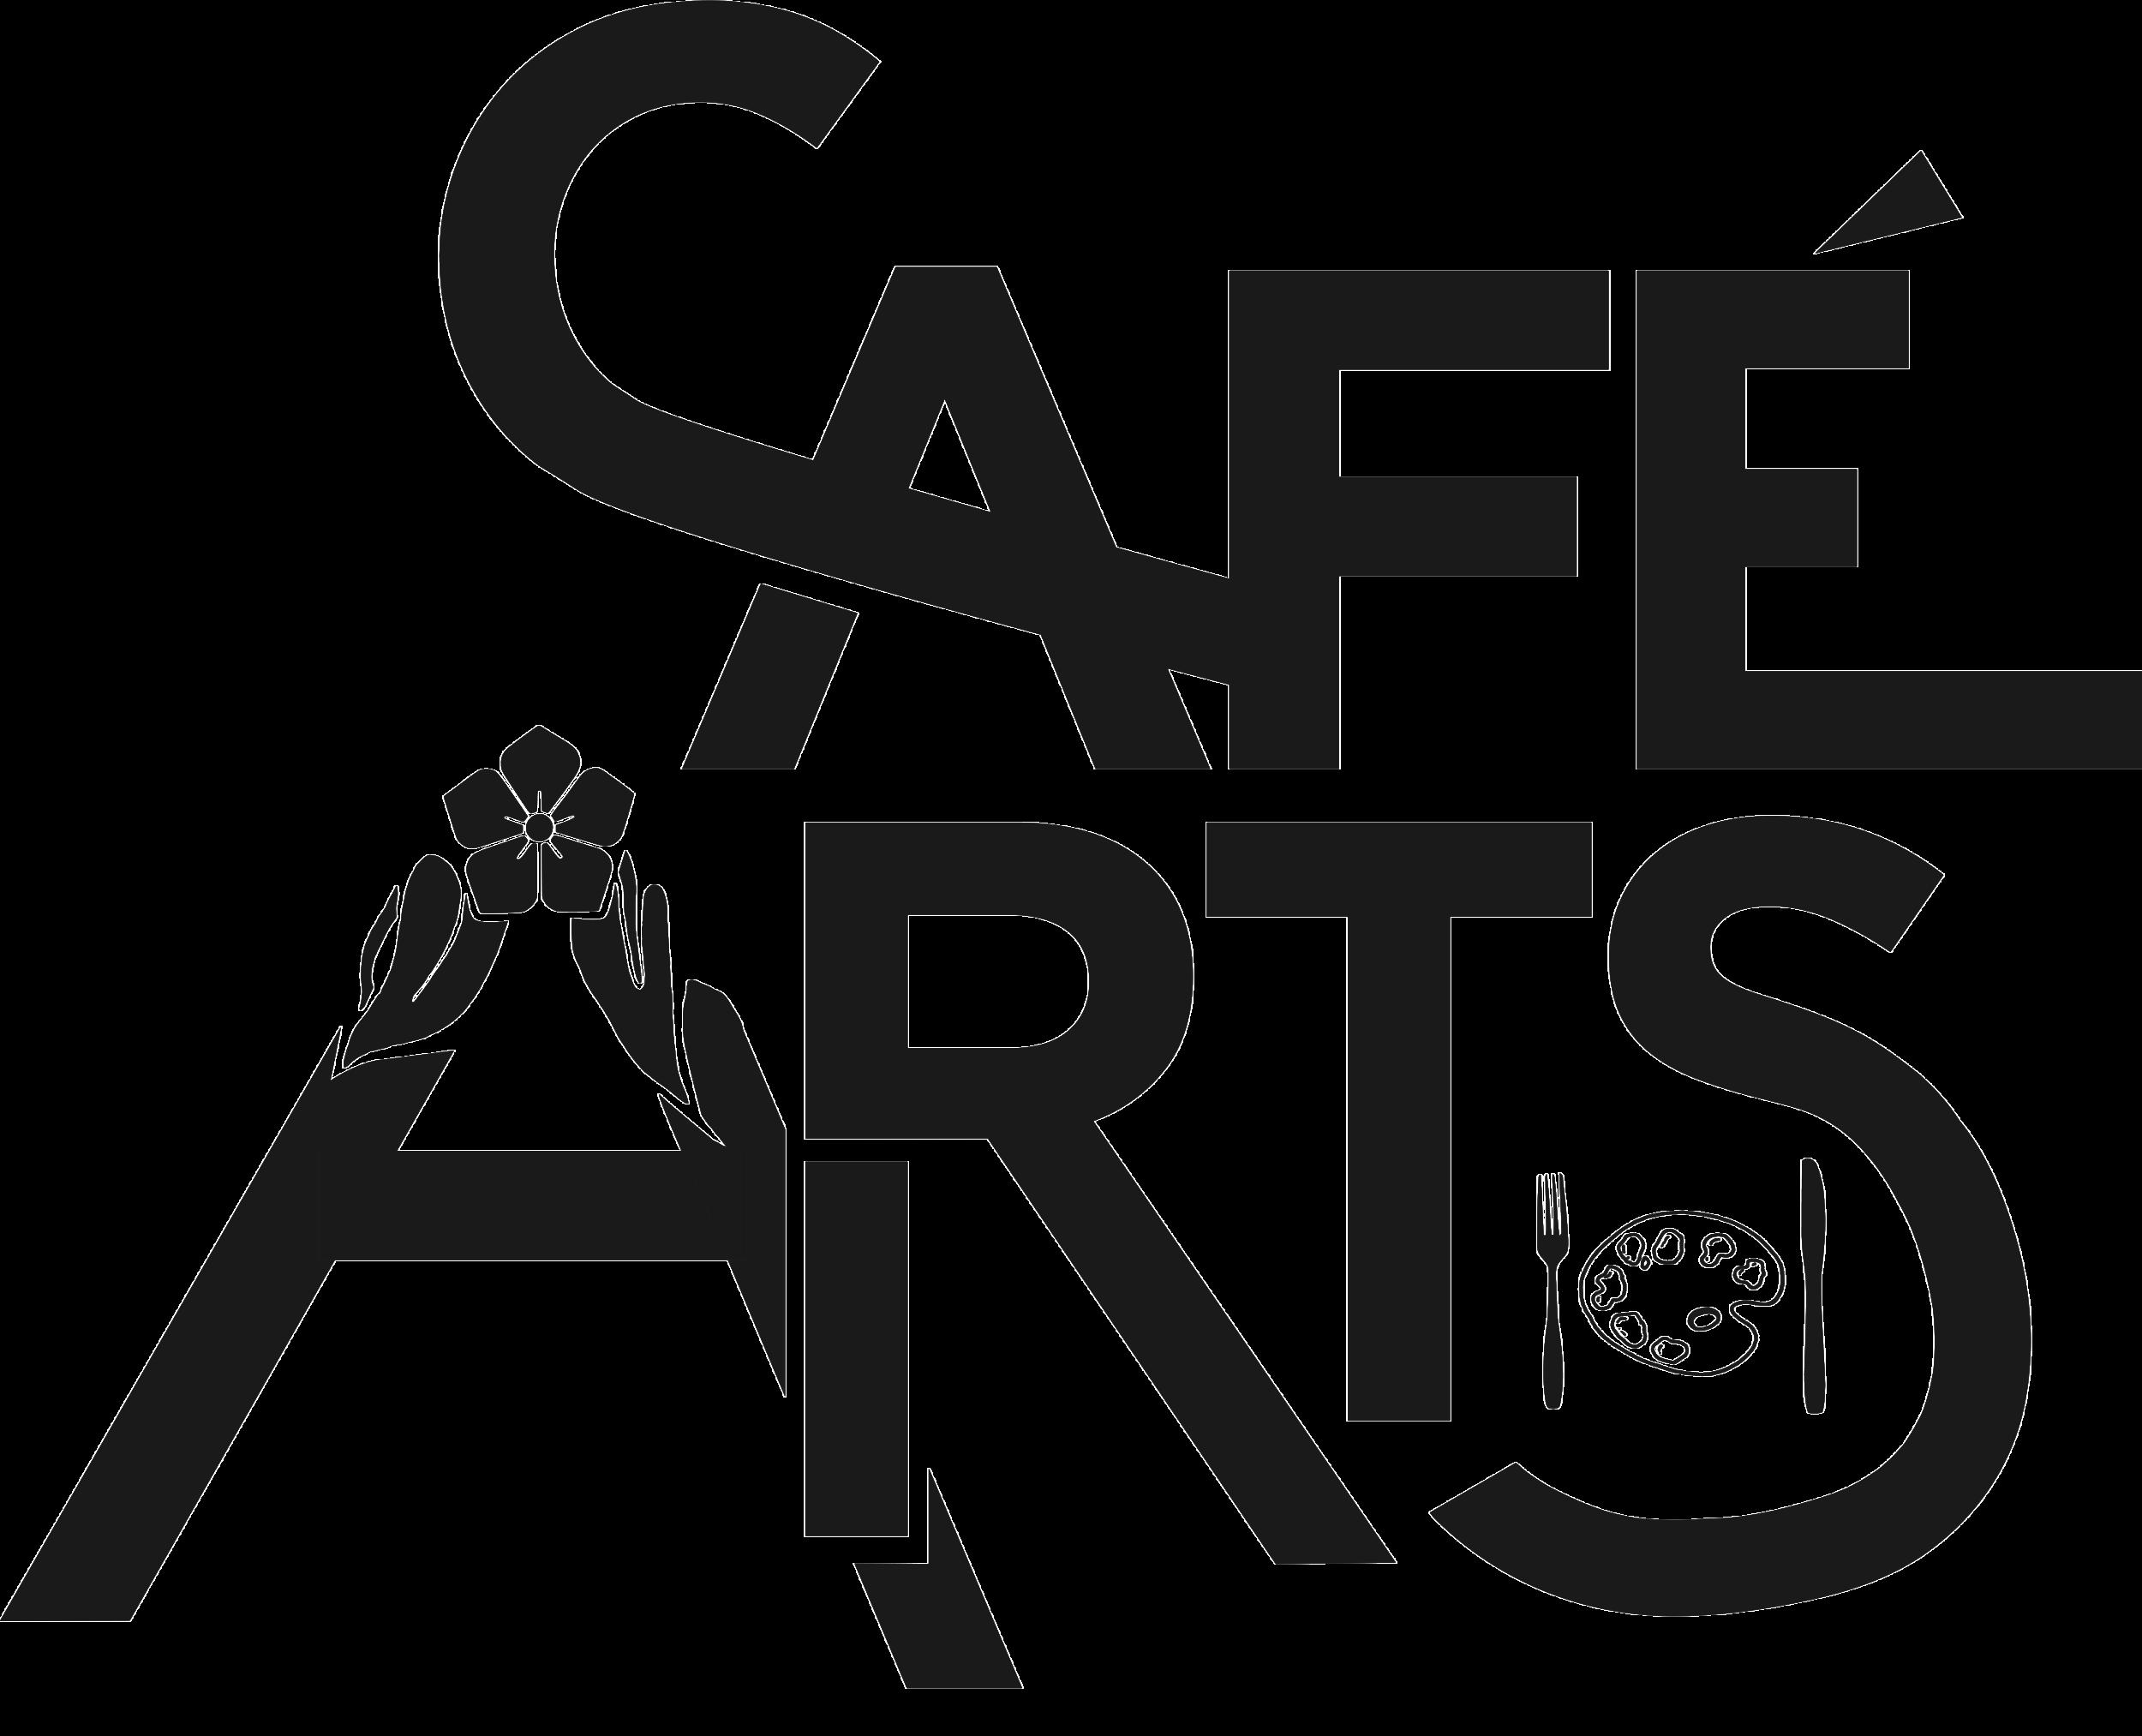 Cafe Arts logo.png